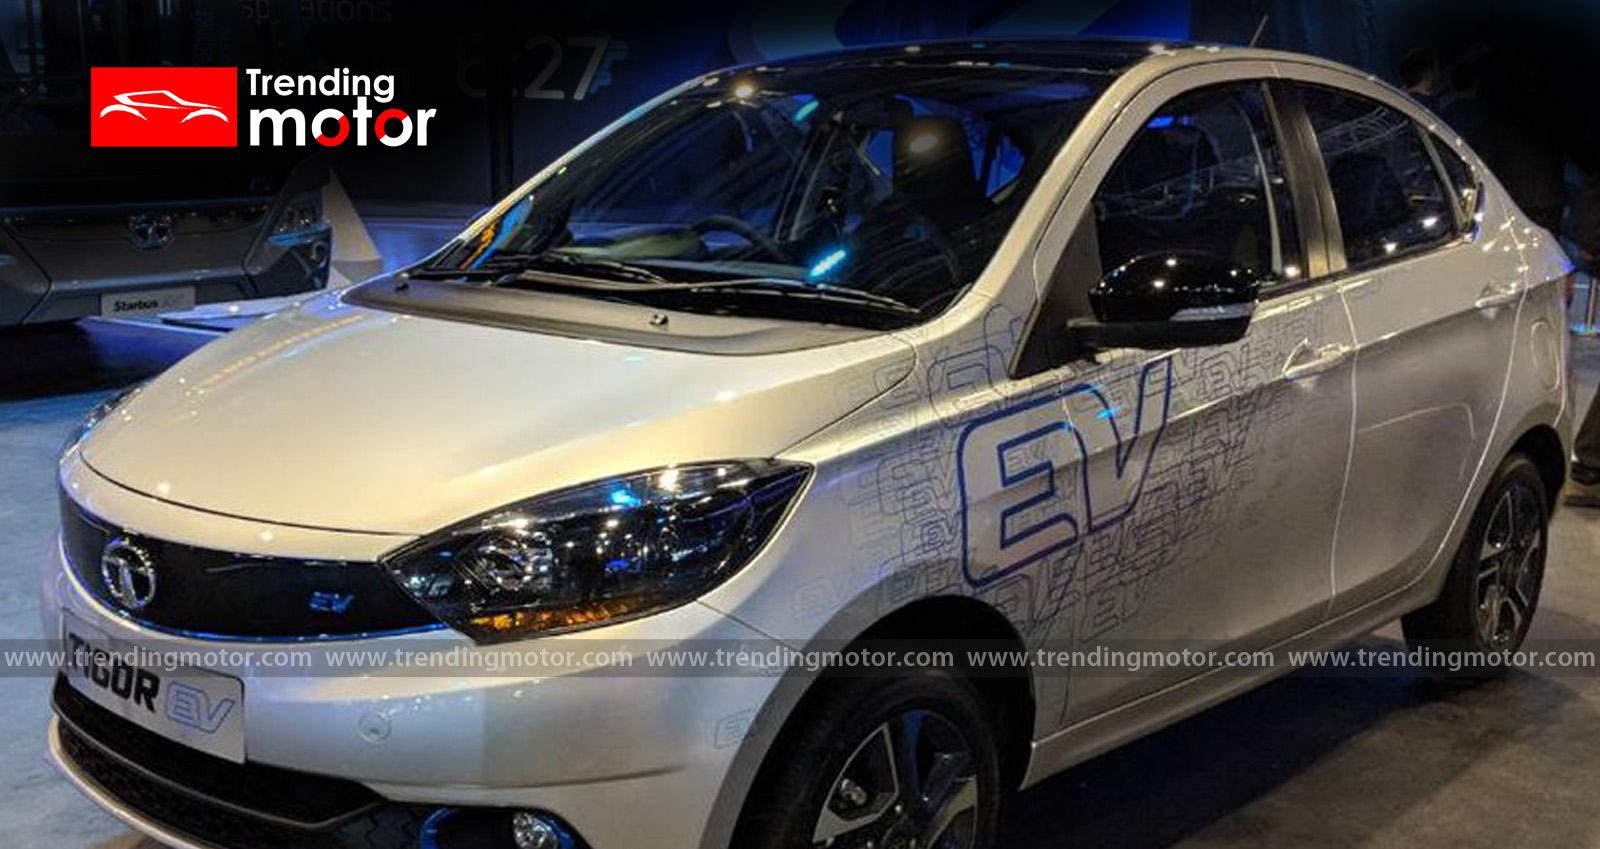 TATA TIGOR EV-TrendingMotor.com